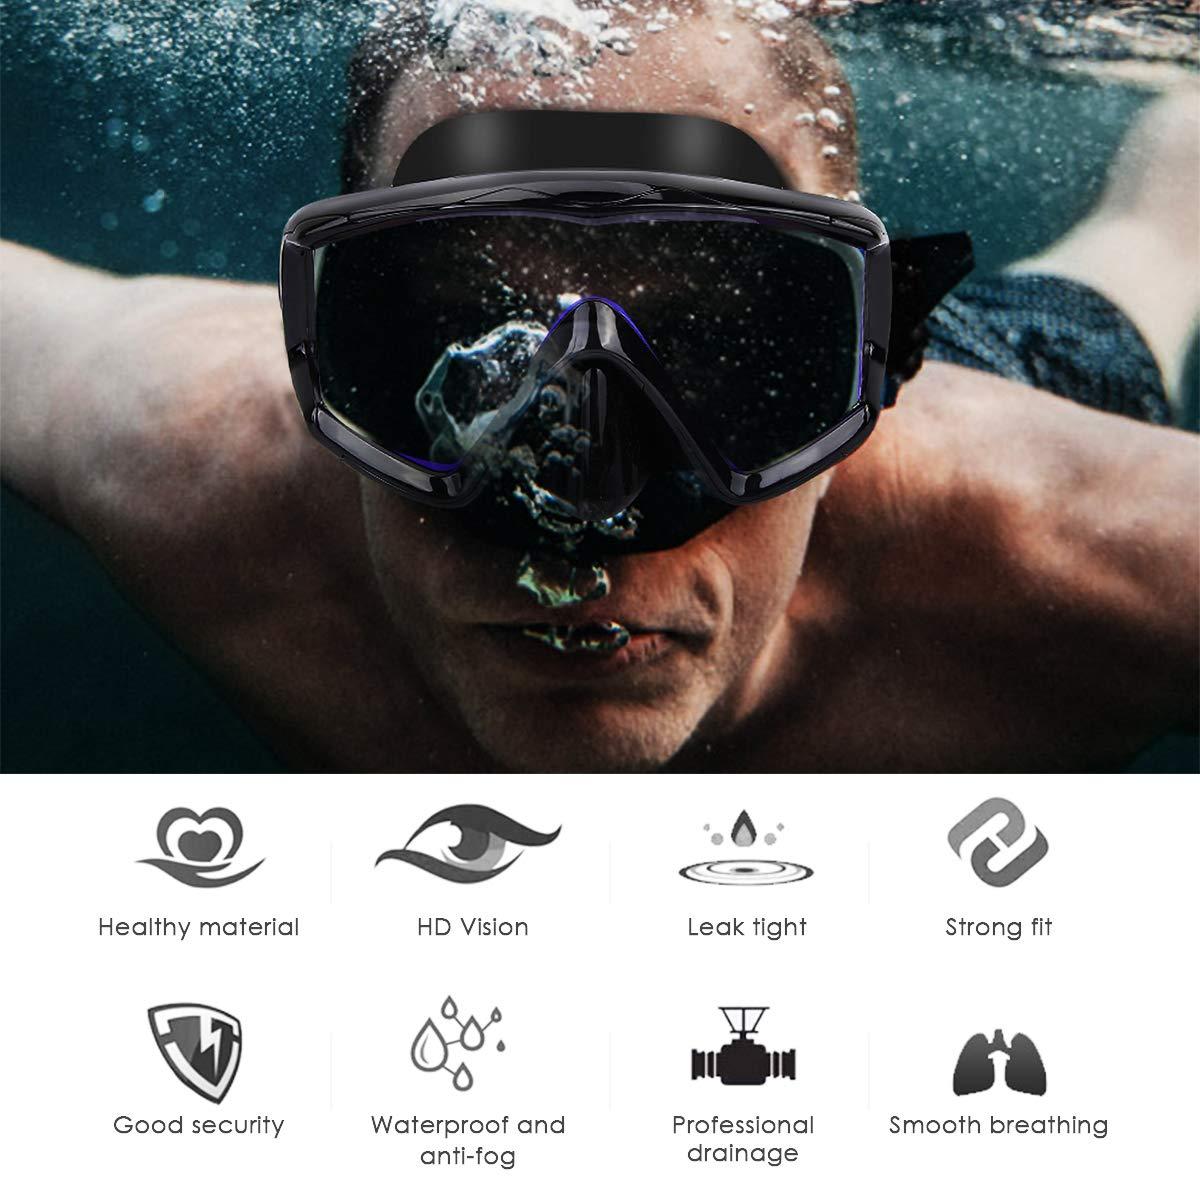 11 OhhGo m/áscara de Buceo Snorkel antifugas m/áscara de Buceo Gafas de Buceo Profesionales para Hombres Mujeres Snorkeling Cuba Diving Freediving 9.2 4.5cm